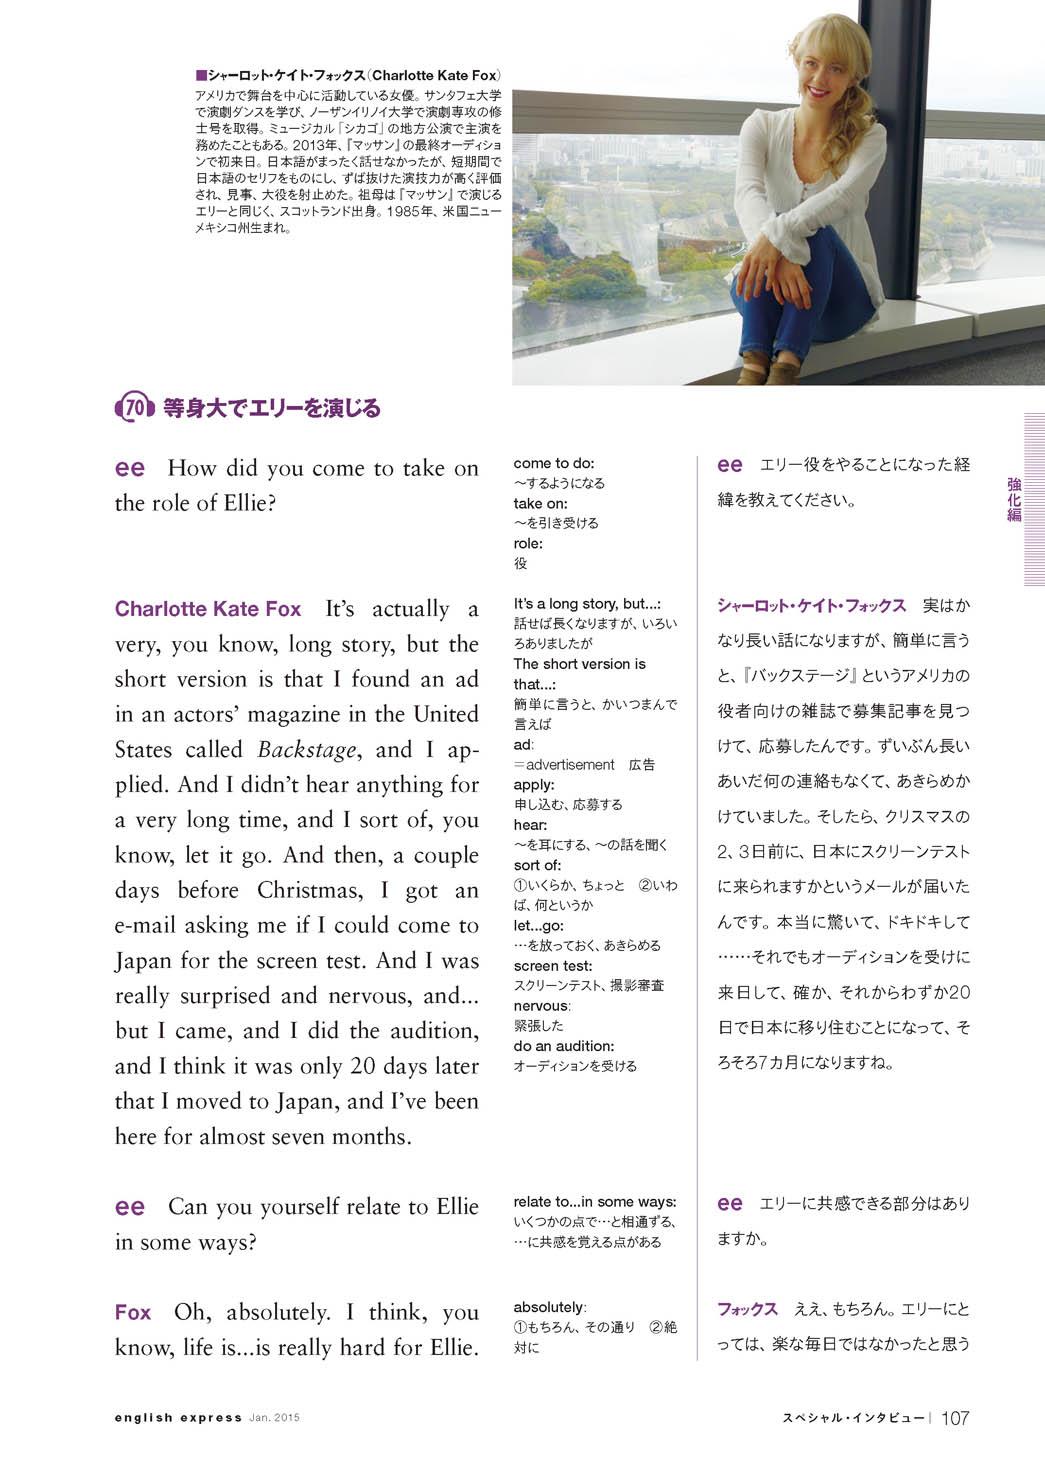 """◆スペシャル・インタビュー#br#NHK連続テレビ小説『マッサン』ヒロイン#br#シャーロット・ケイト・フォックス#br#》》音声試聴は<a href=""""mms://016.mediaimage.jp/asahipress/ee1501b.wma"""" class=""""txt1158b0"""">こちら</a>をクリック!"""